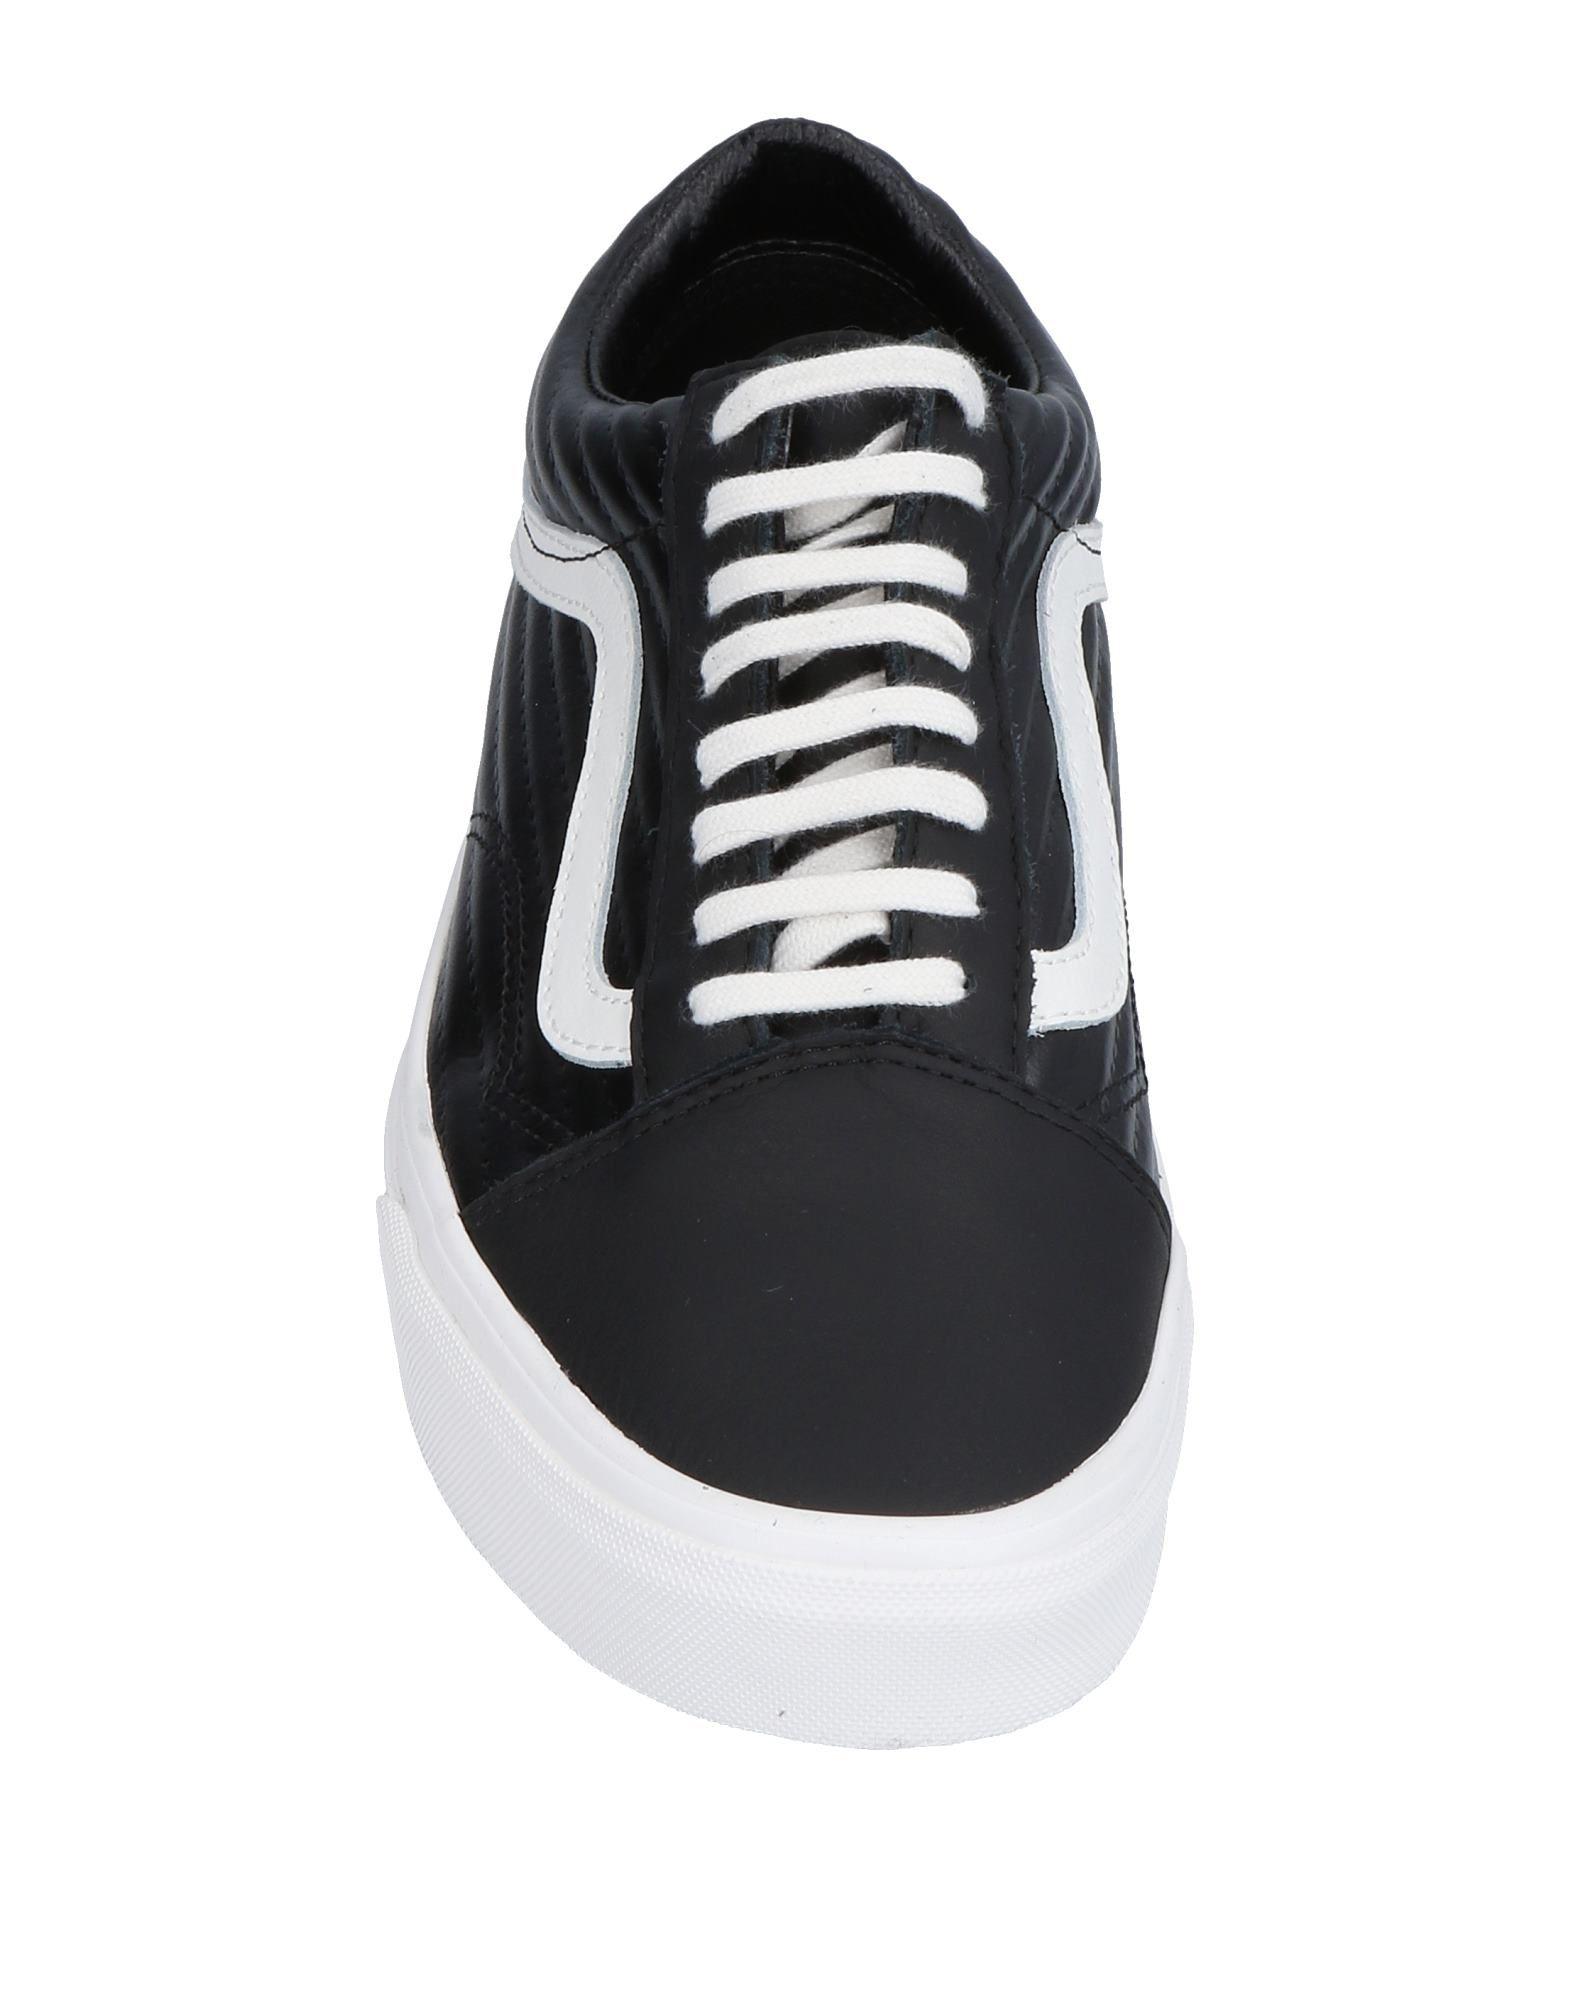 Vans Sneakers Damen Damen Sneakers  11495616DS  065284